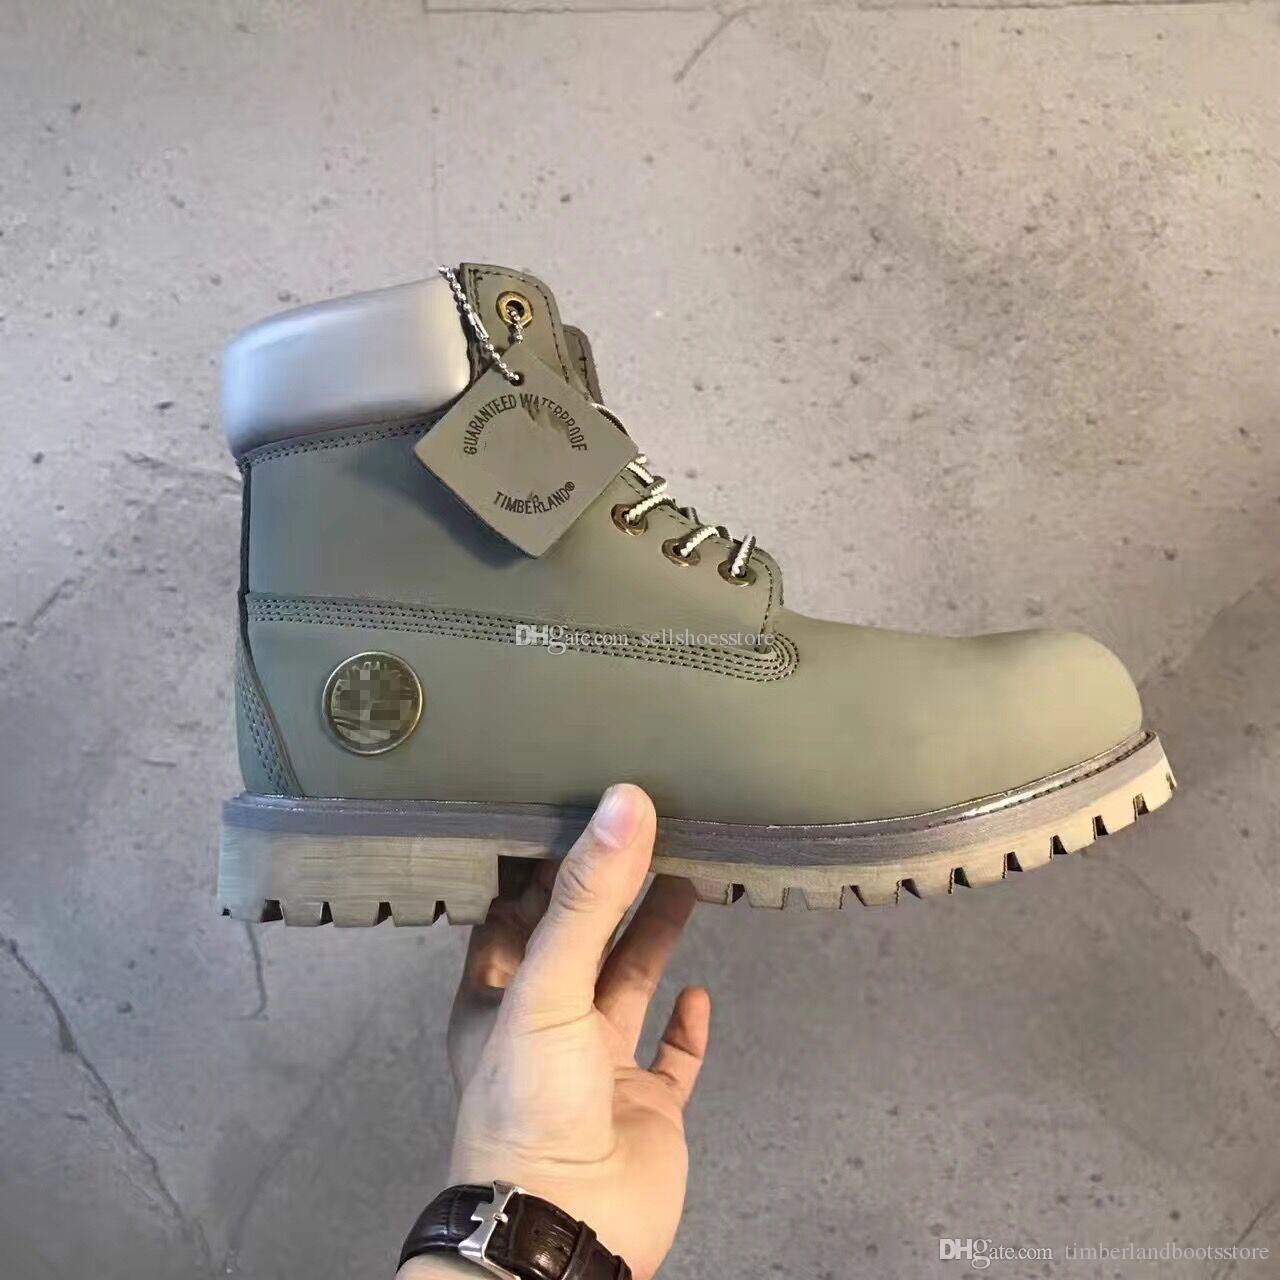 504585ef9b70 ... Boots Роскошный Бренд Big Tree Log Boots Онлайн Продажа  Отtimberlandbootsstore В Категории Детская Спортивная Обувь,  48.74 На  Ru.Dhgate.Com   Dhgate